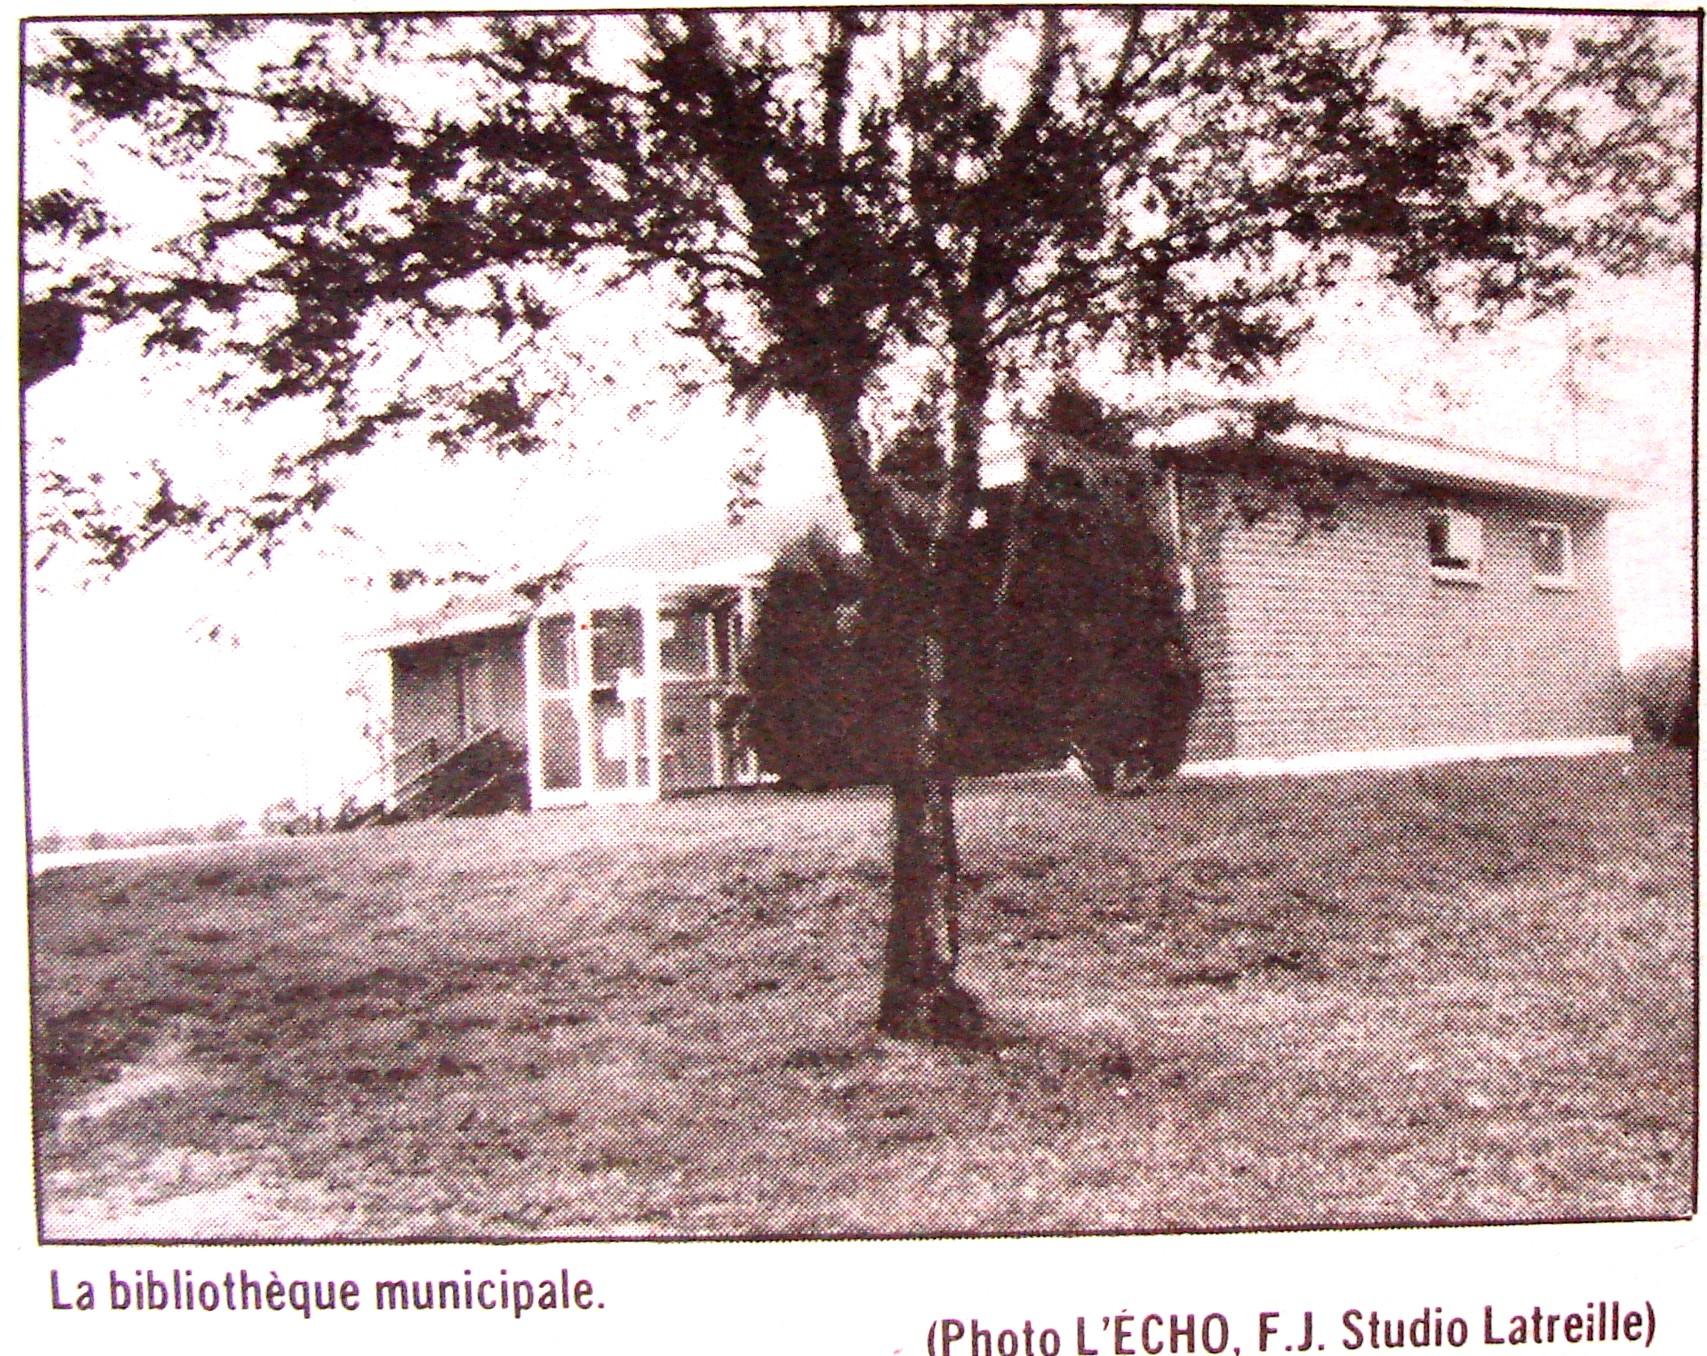 1966_bibliotheque_municipale.jpg (934 KB)